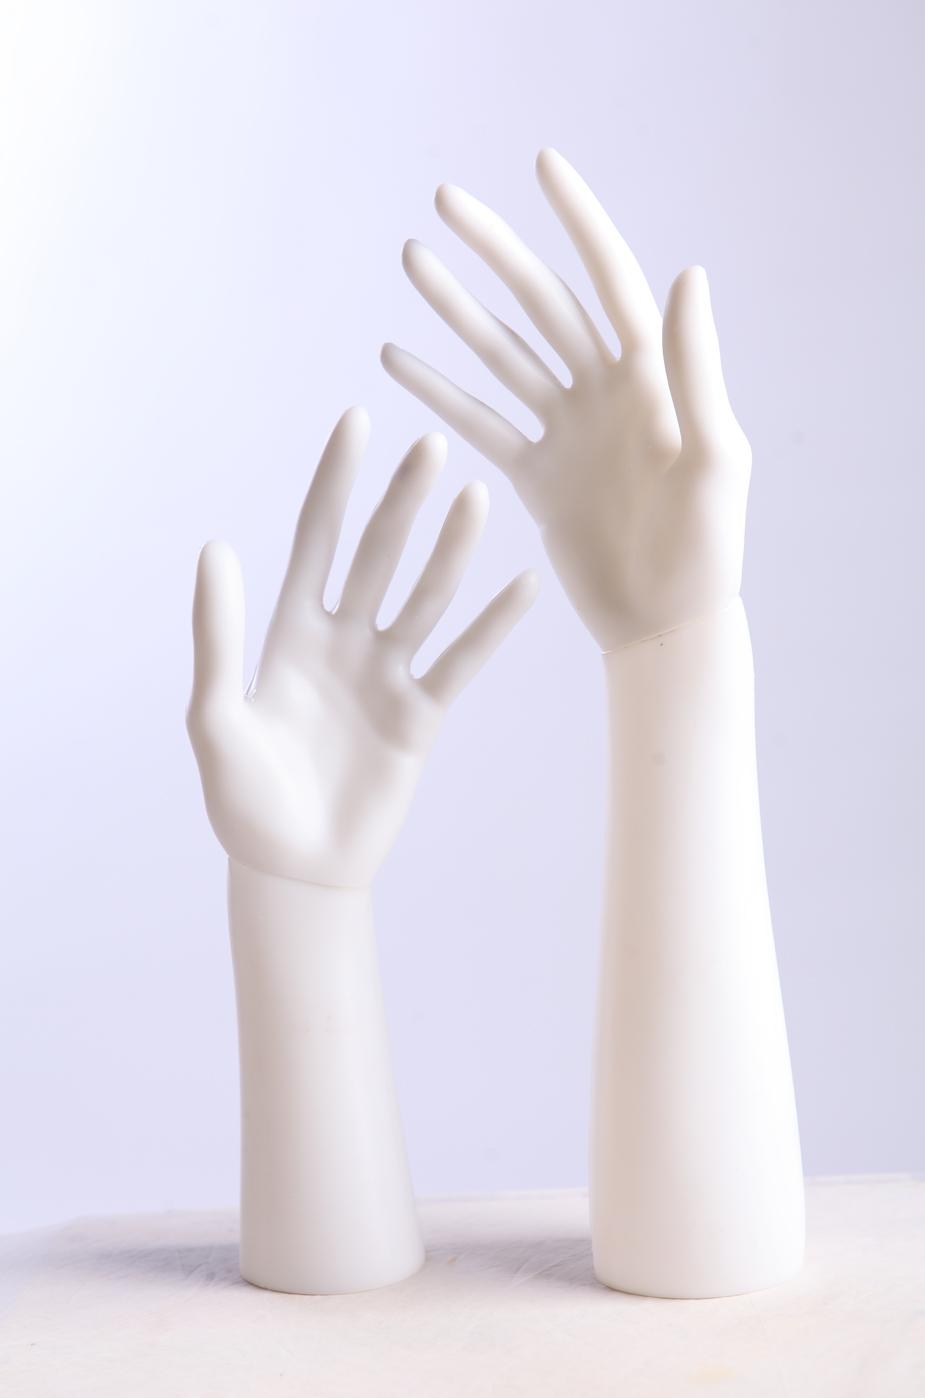 Schmuckhand Hand Schaufensterpuppe hell hübsch arm neu D-3//4Weiß Dekohand